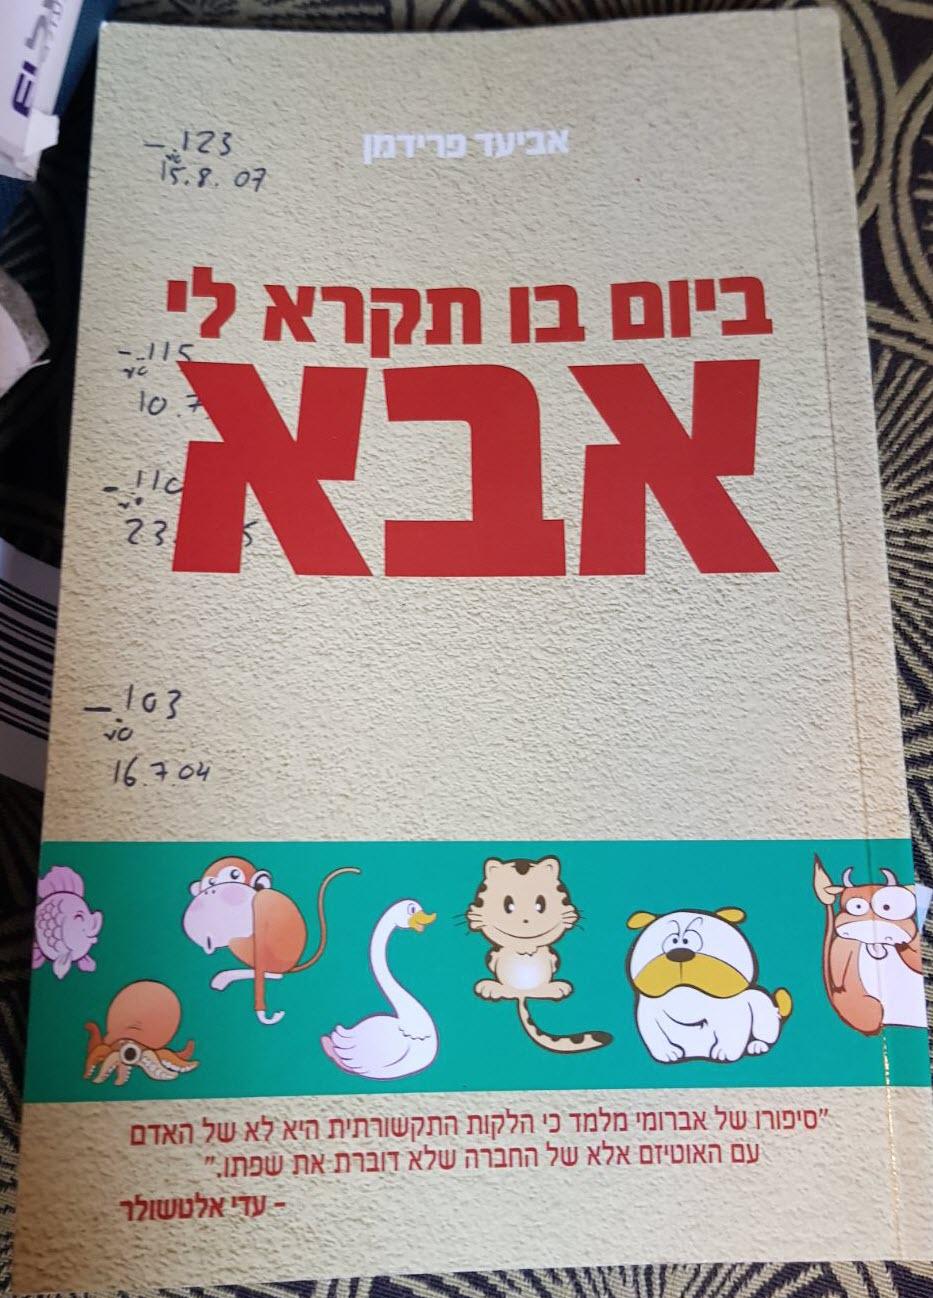 הספר ביום שבו תקרא לי אבא מאת אביעד פרידמן